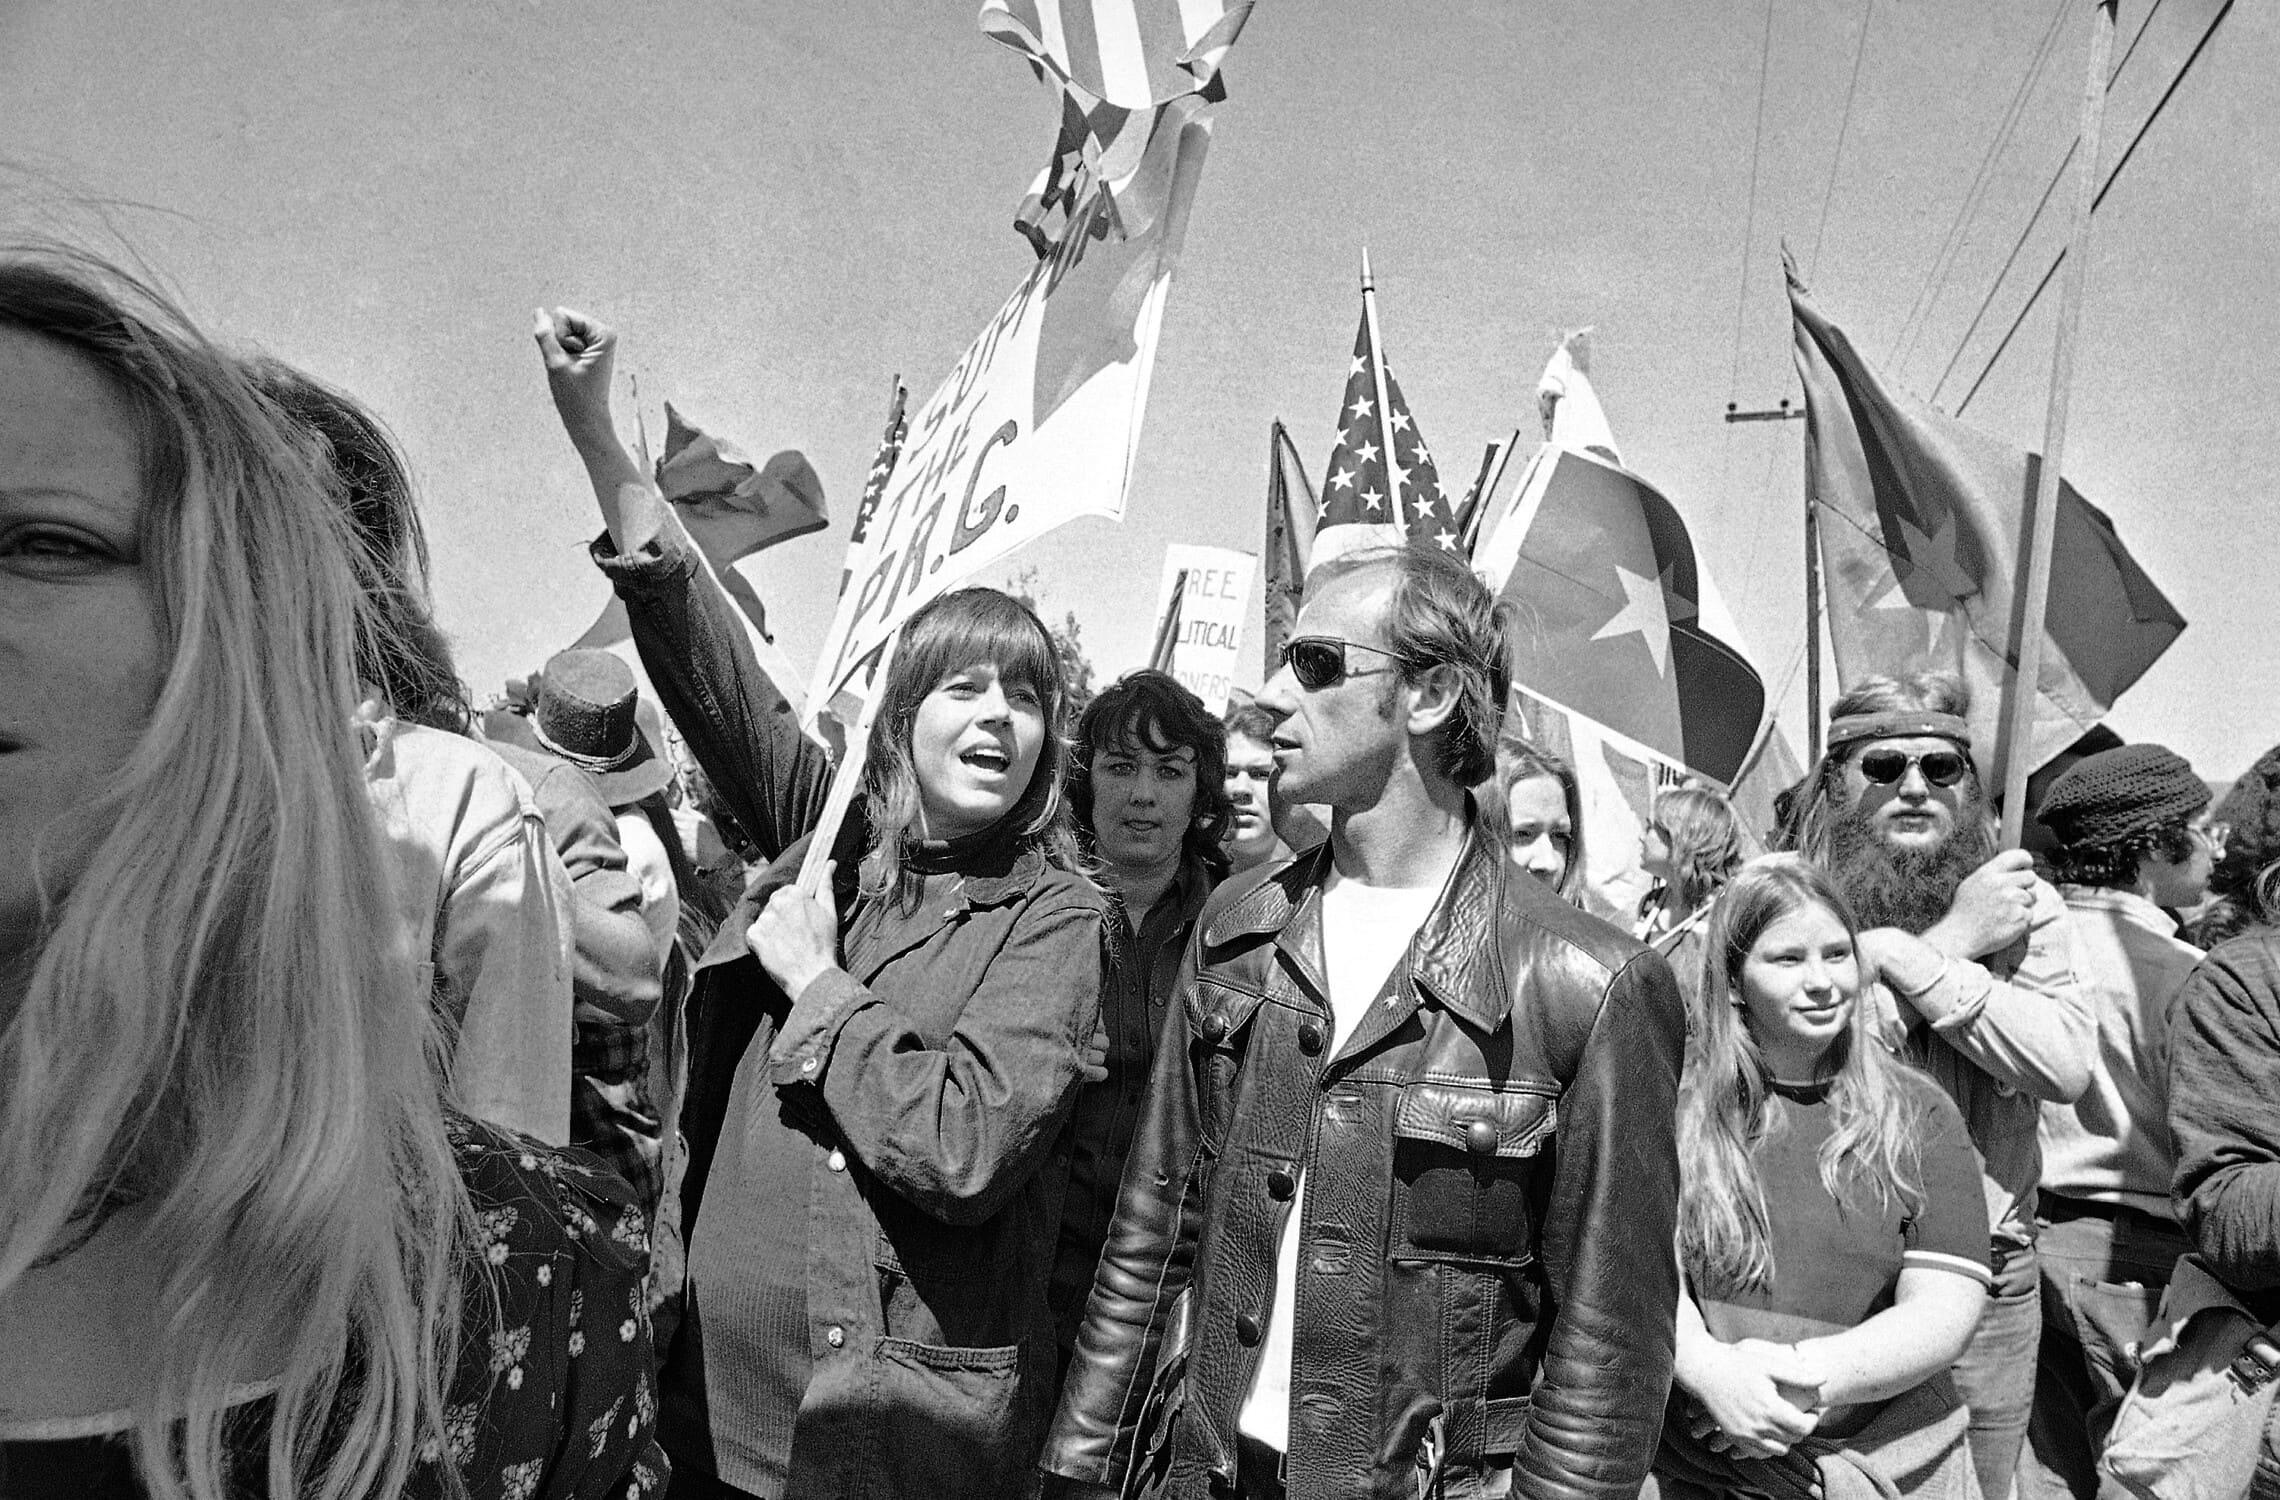 ג'יין פונדה בהפגנה מול הבית הלבן נגד מלחמת ויאטנאם בתחילת שנות השבעים (צילום: AP Photo/HF/ Harold Filan)